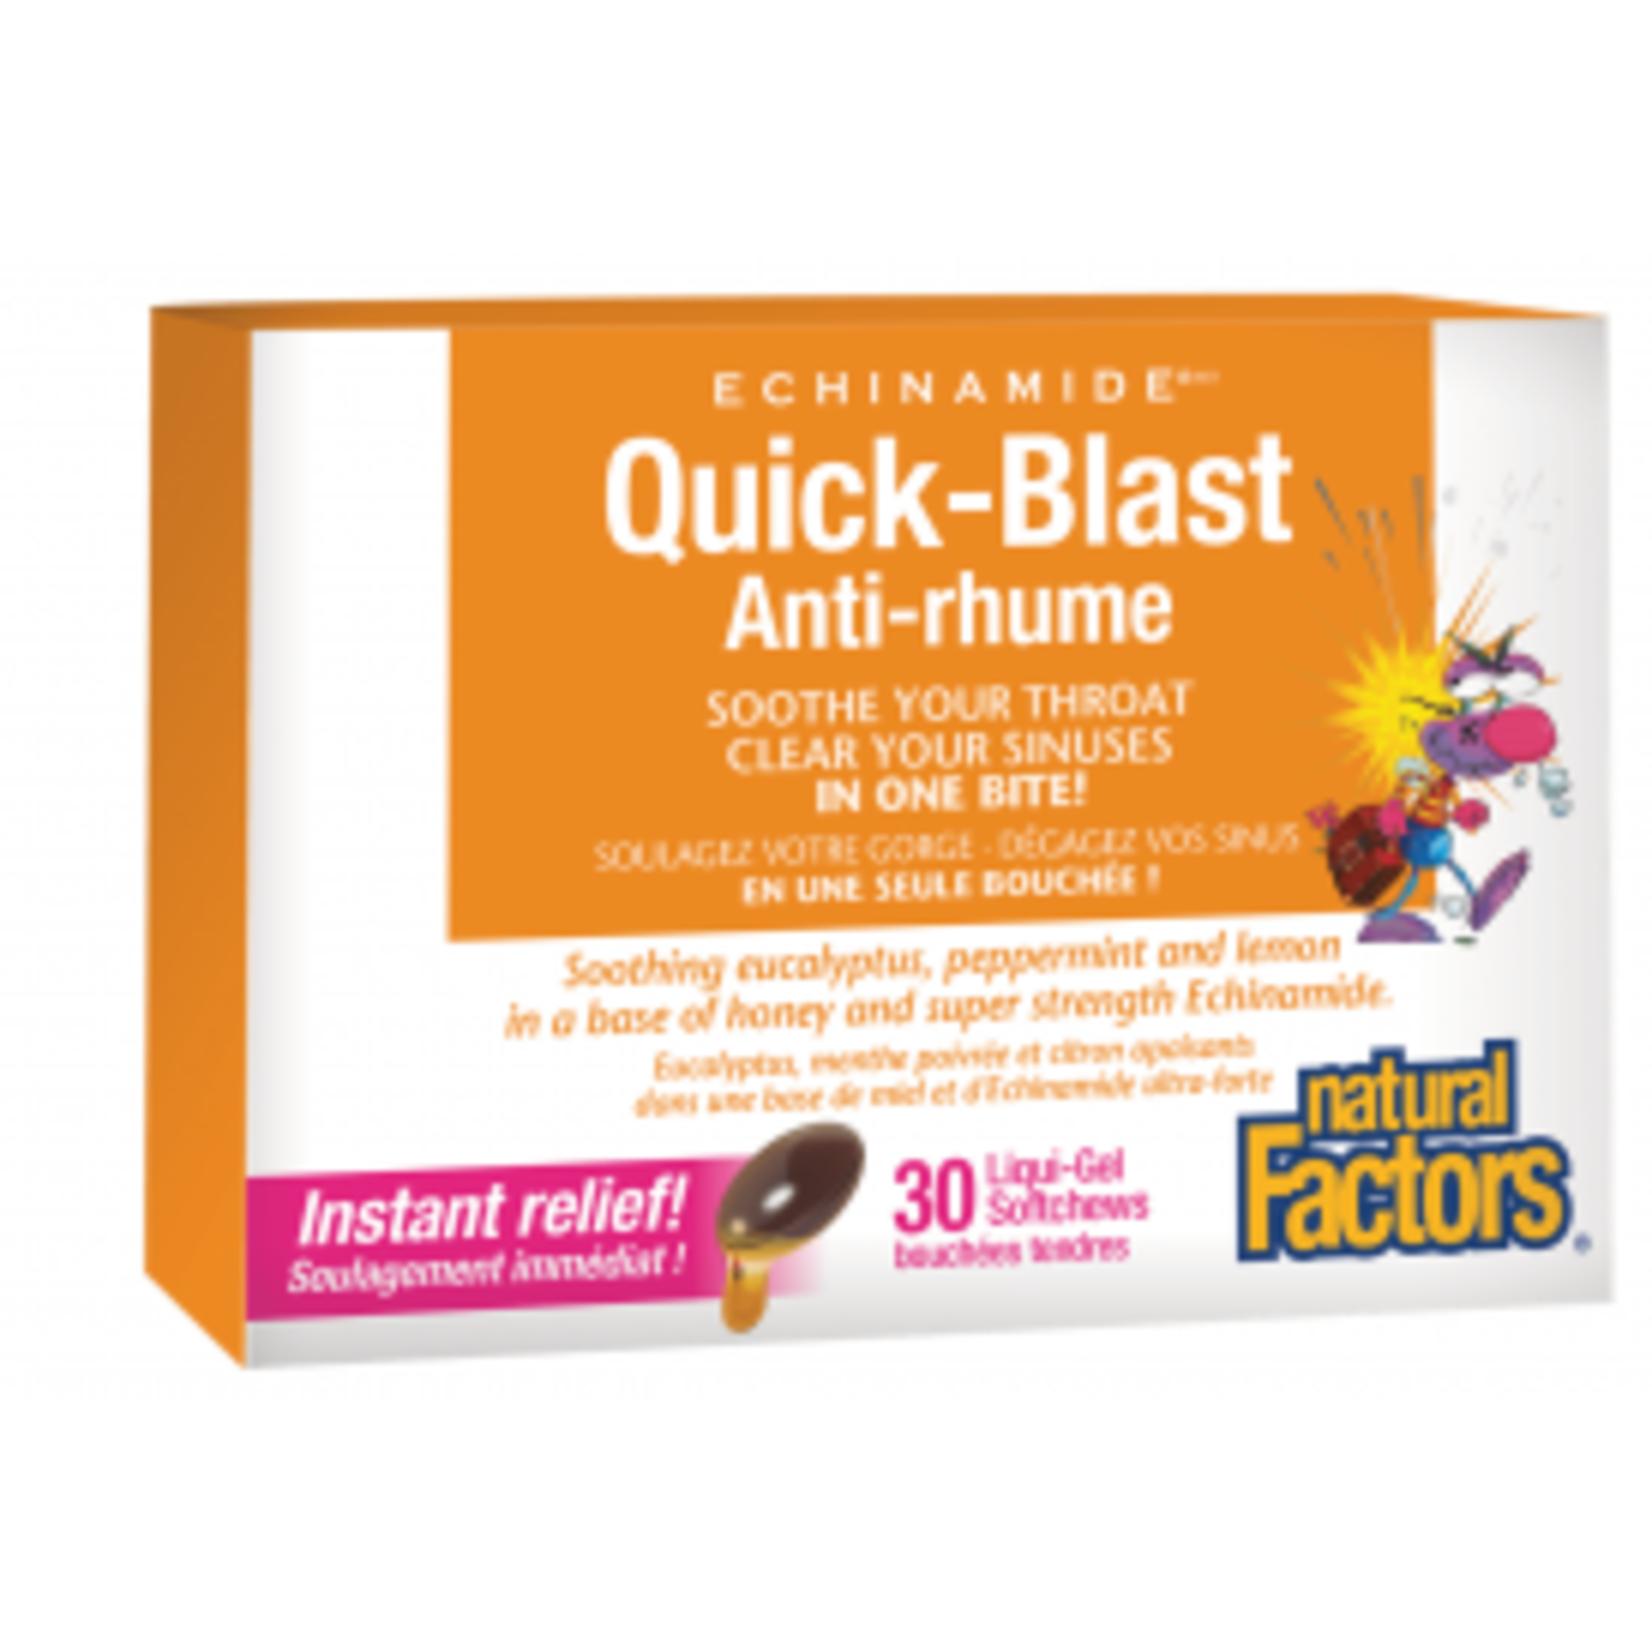 Natural Factors Natural Factors Quick Blast 30 softchews